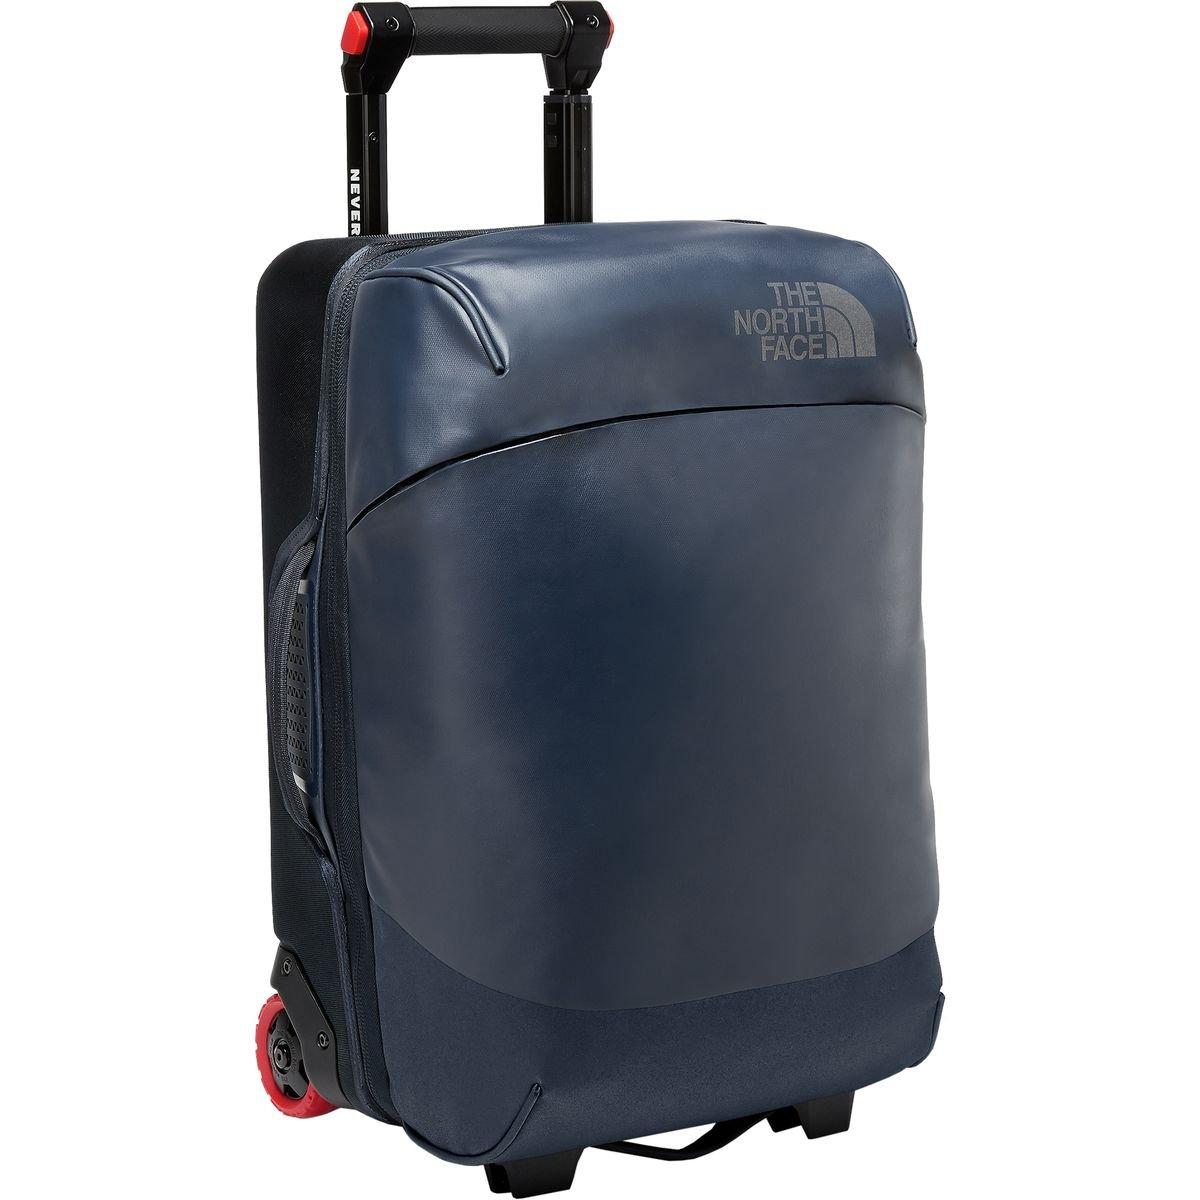 [ノースフェイス] レディース ボストンバッグ Stratoliner 20in Carry-On Bag [並行輸入品] B07BWKTYW9  No-Size